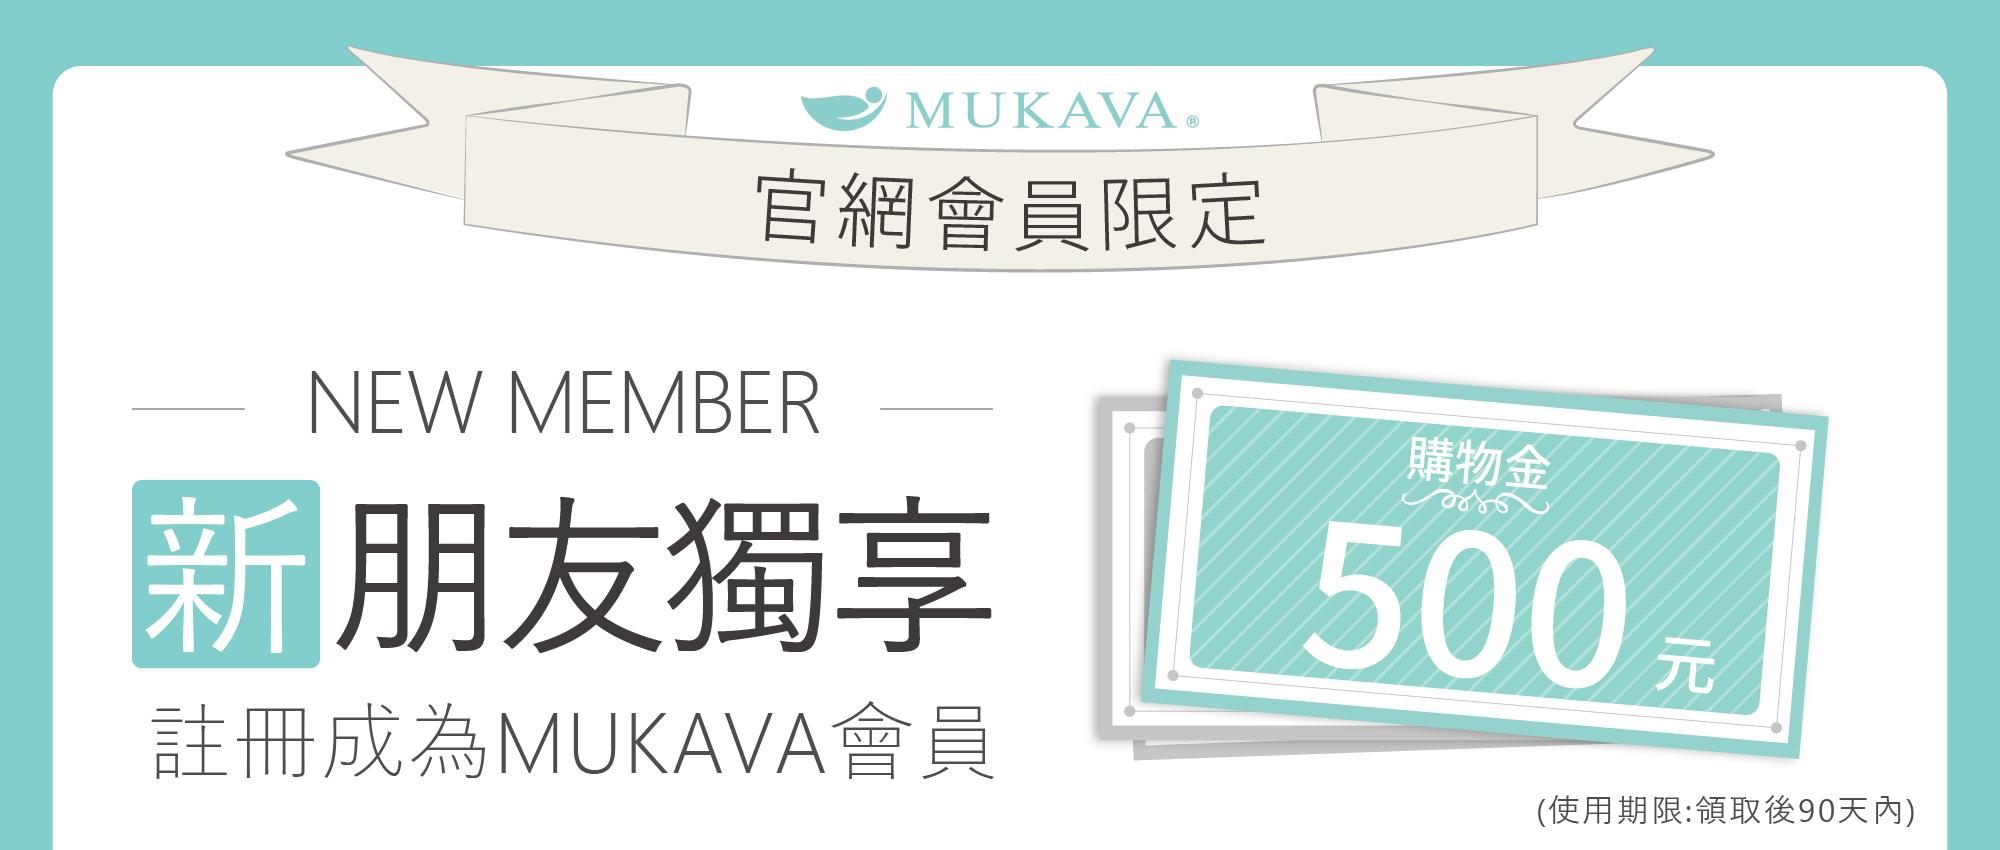 註冊會員,會員購物金,紅利回饋-MUKAVA